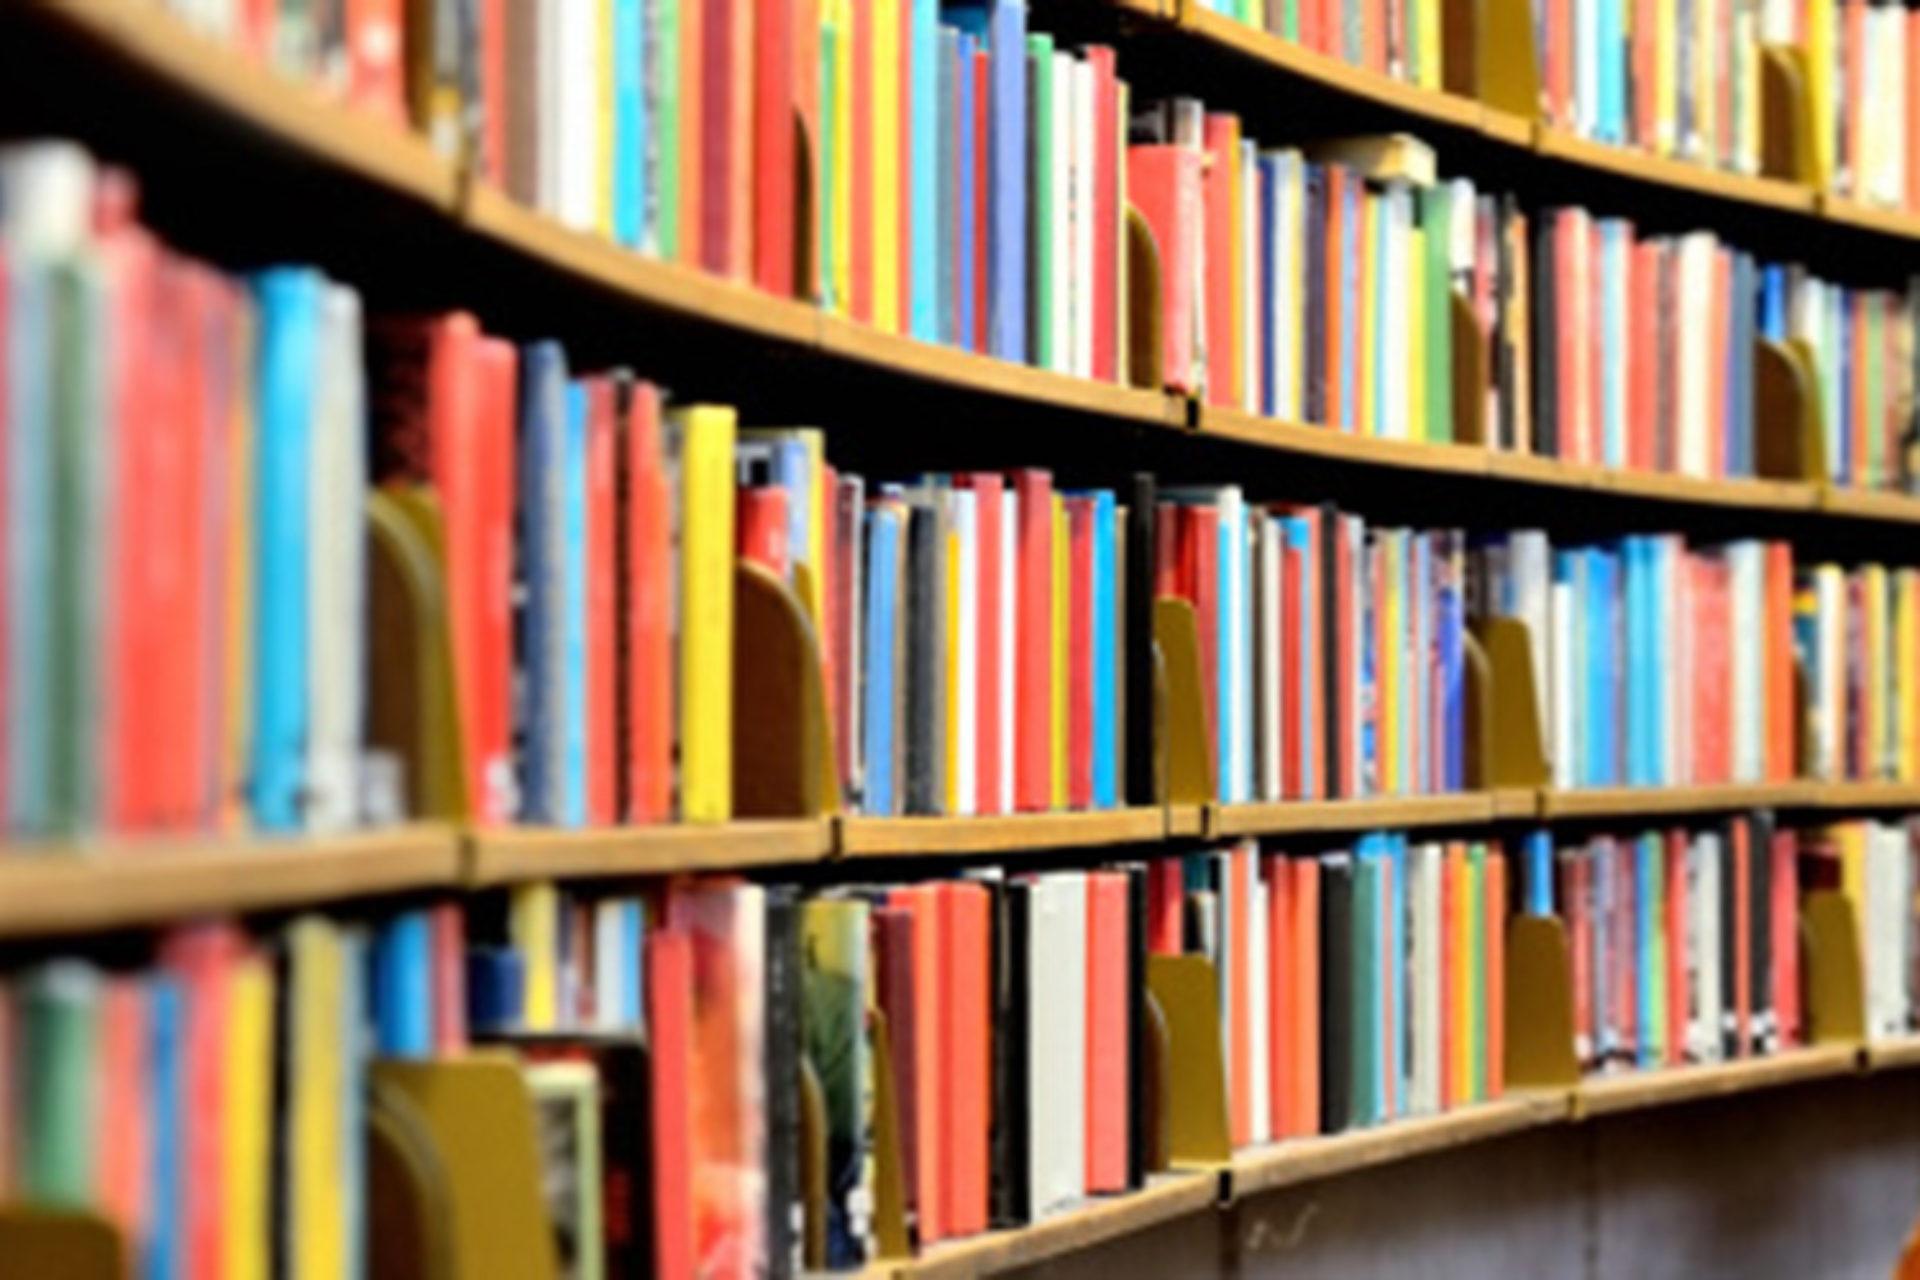 cropped-library-shelves-1.jpg – Full Tilt Press